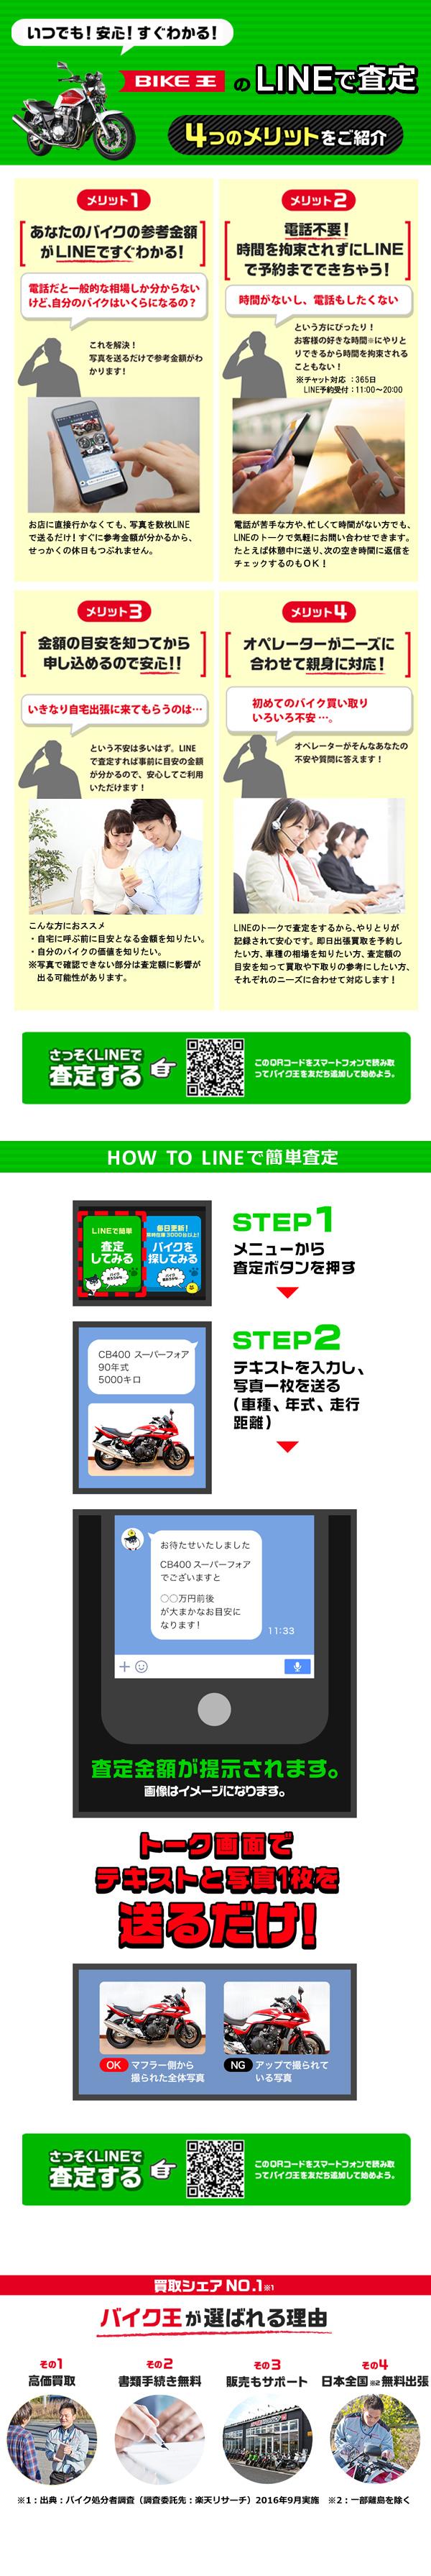 バイク王のLINEで査定 4つのメリットをご紹介